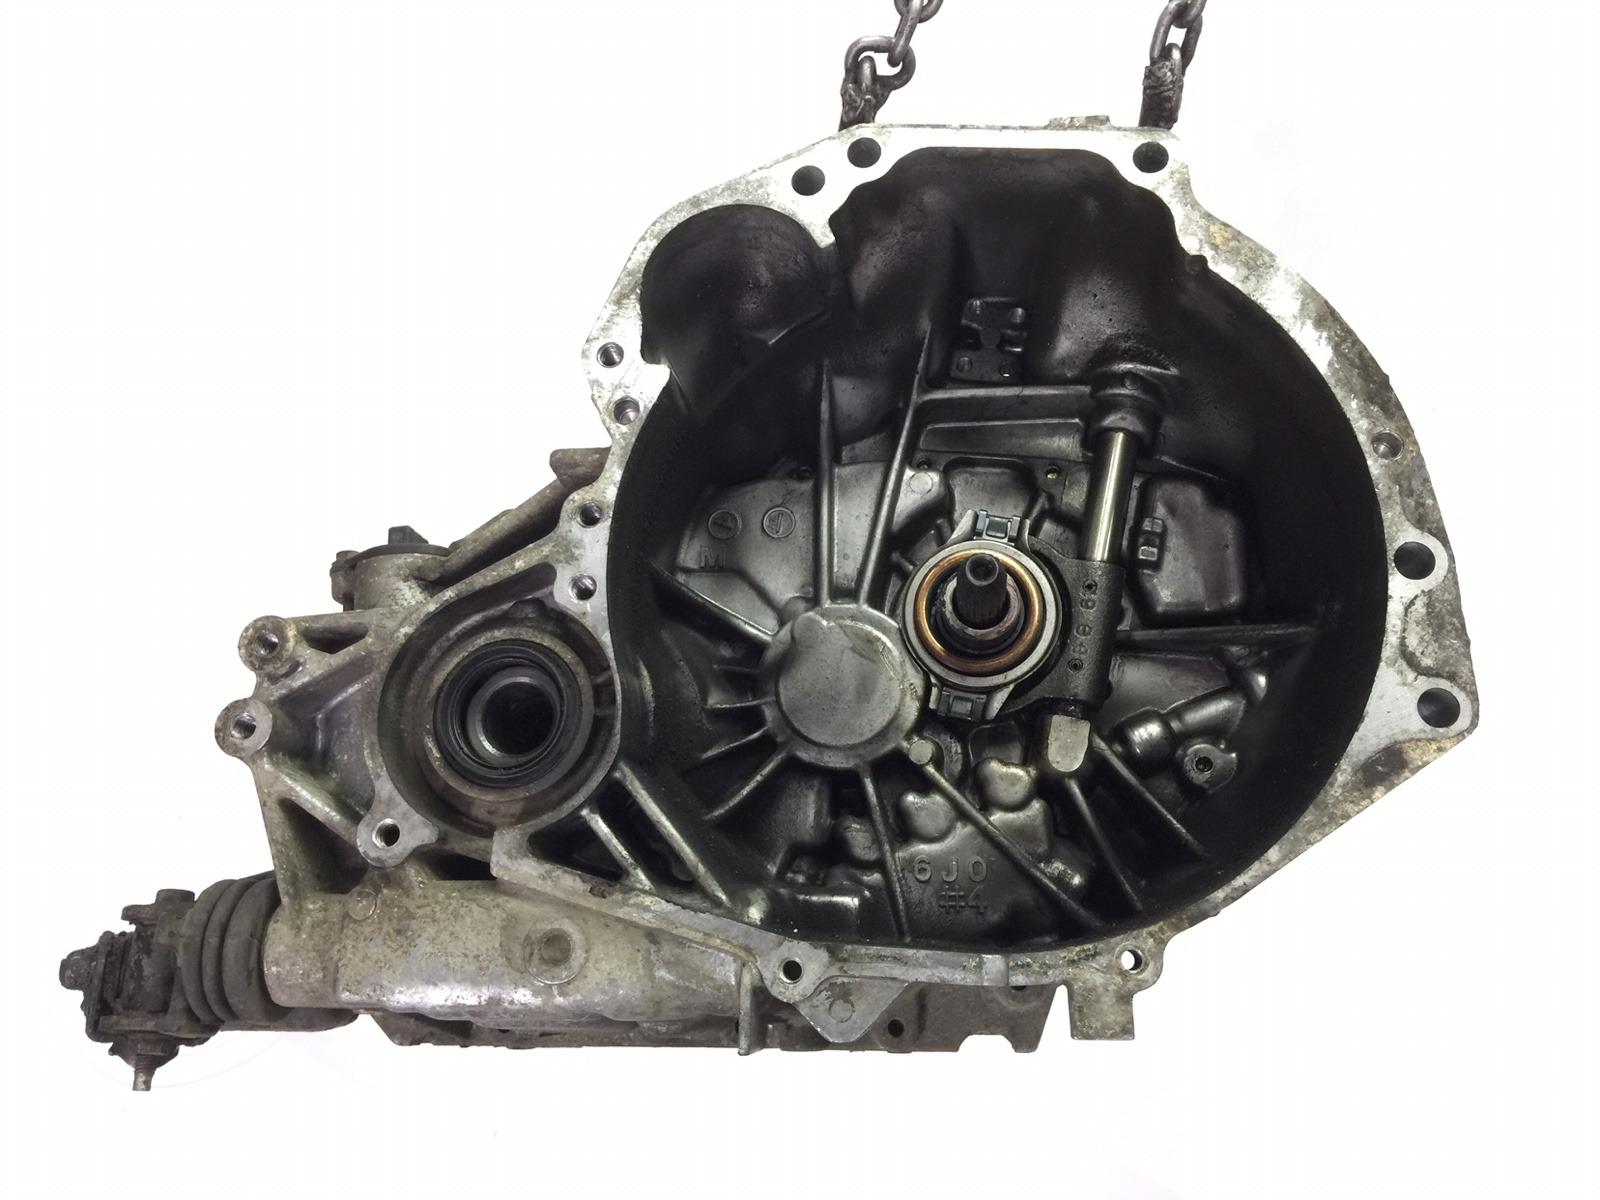 Кпп механическая (мкпп) Nissan Almera Tino 1.8 I 2004 (б/у)